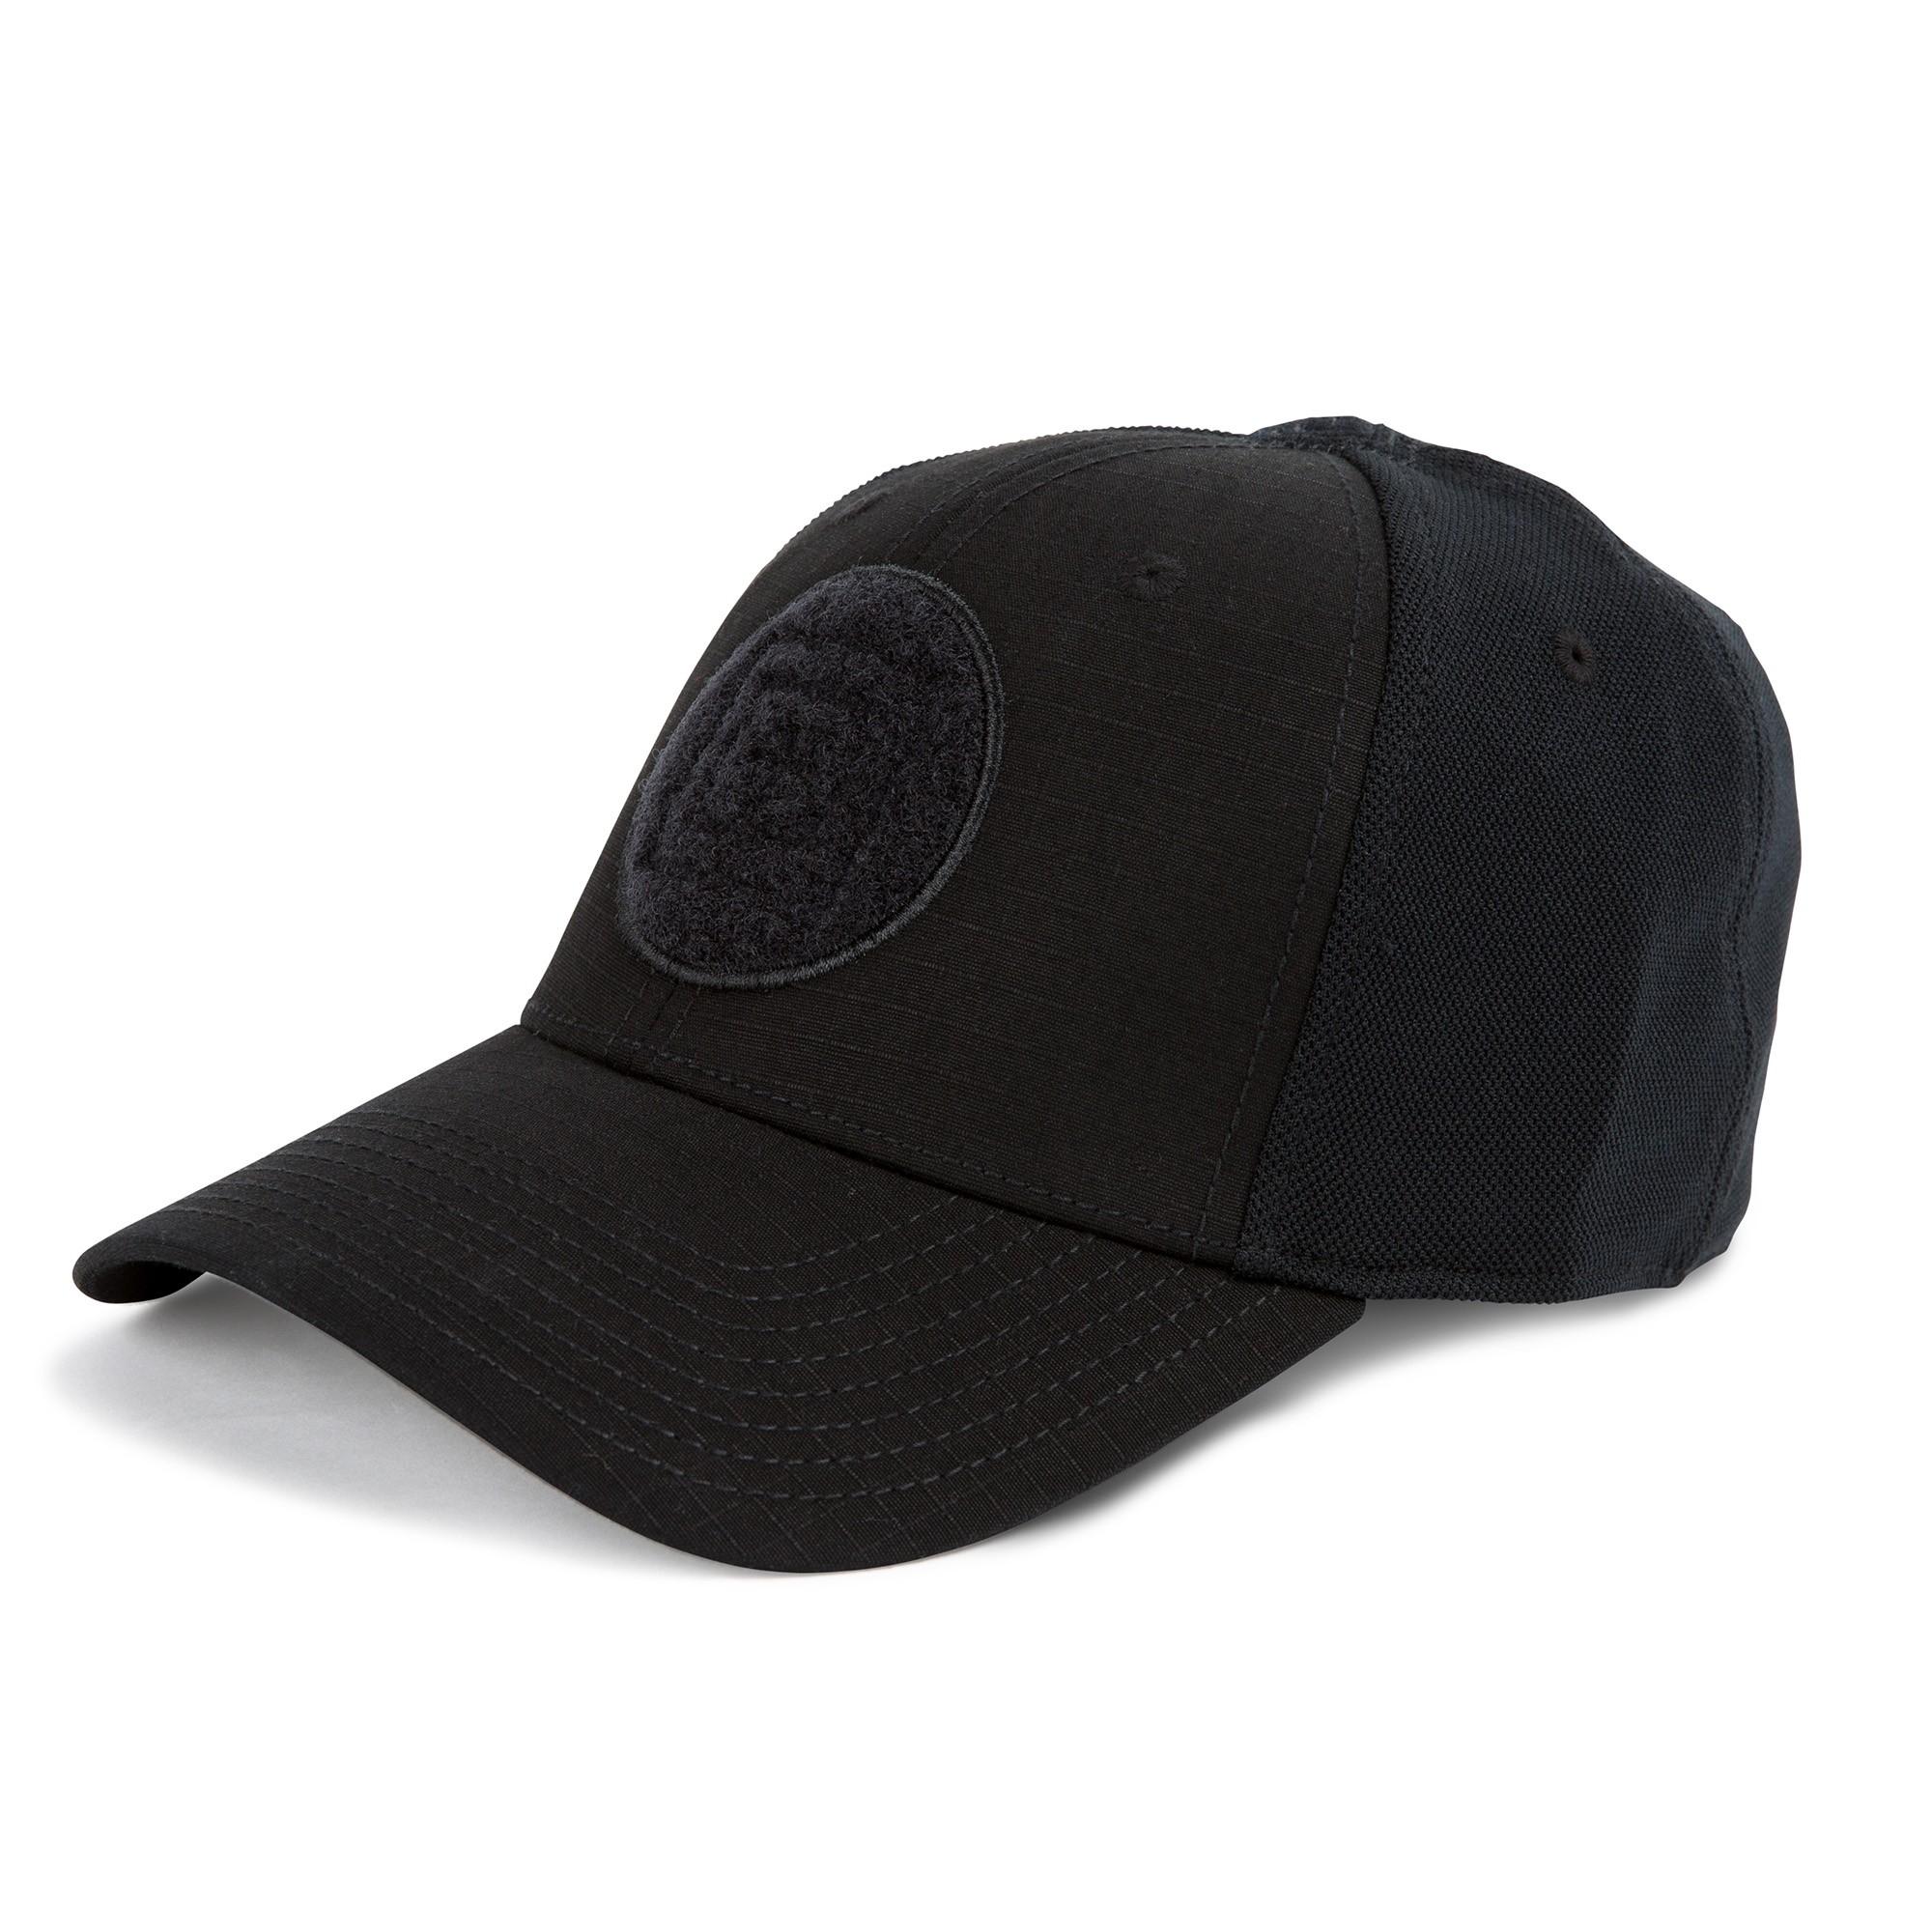 כובע טקטי שחור 5.11 DOWNRANGE CAP True Black